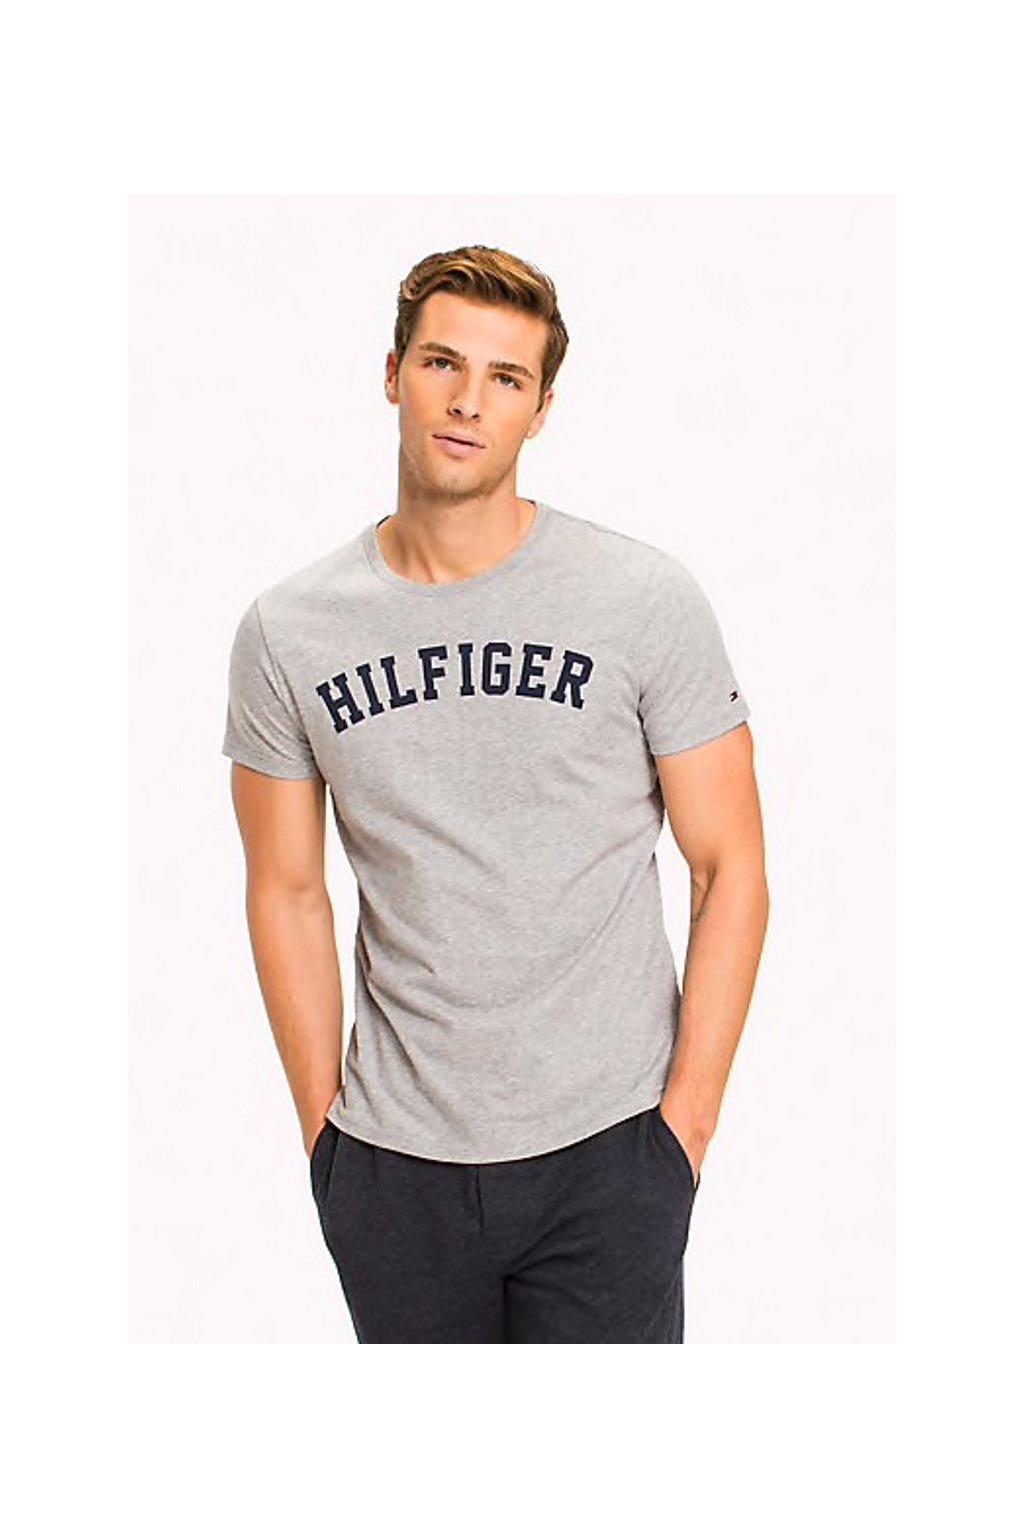 Tommy Hilfiger pánské Logo Tričko - šedé